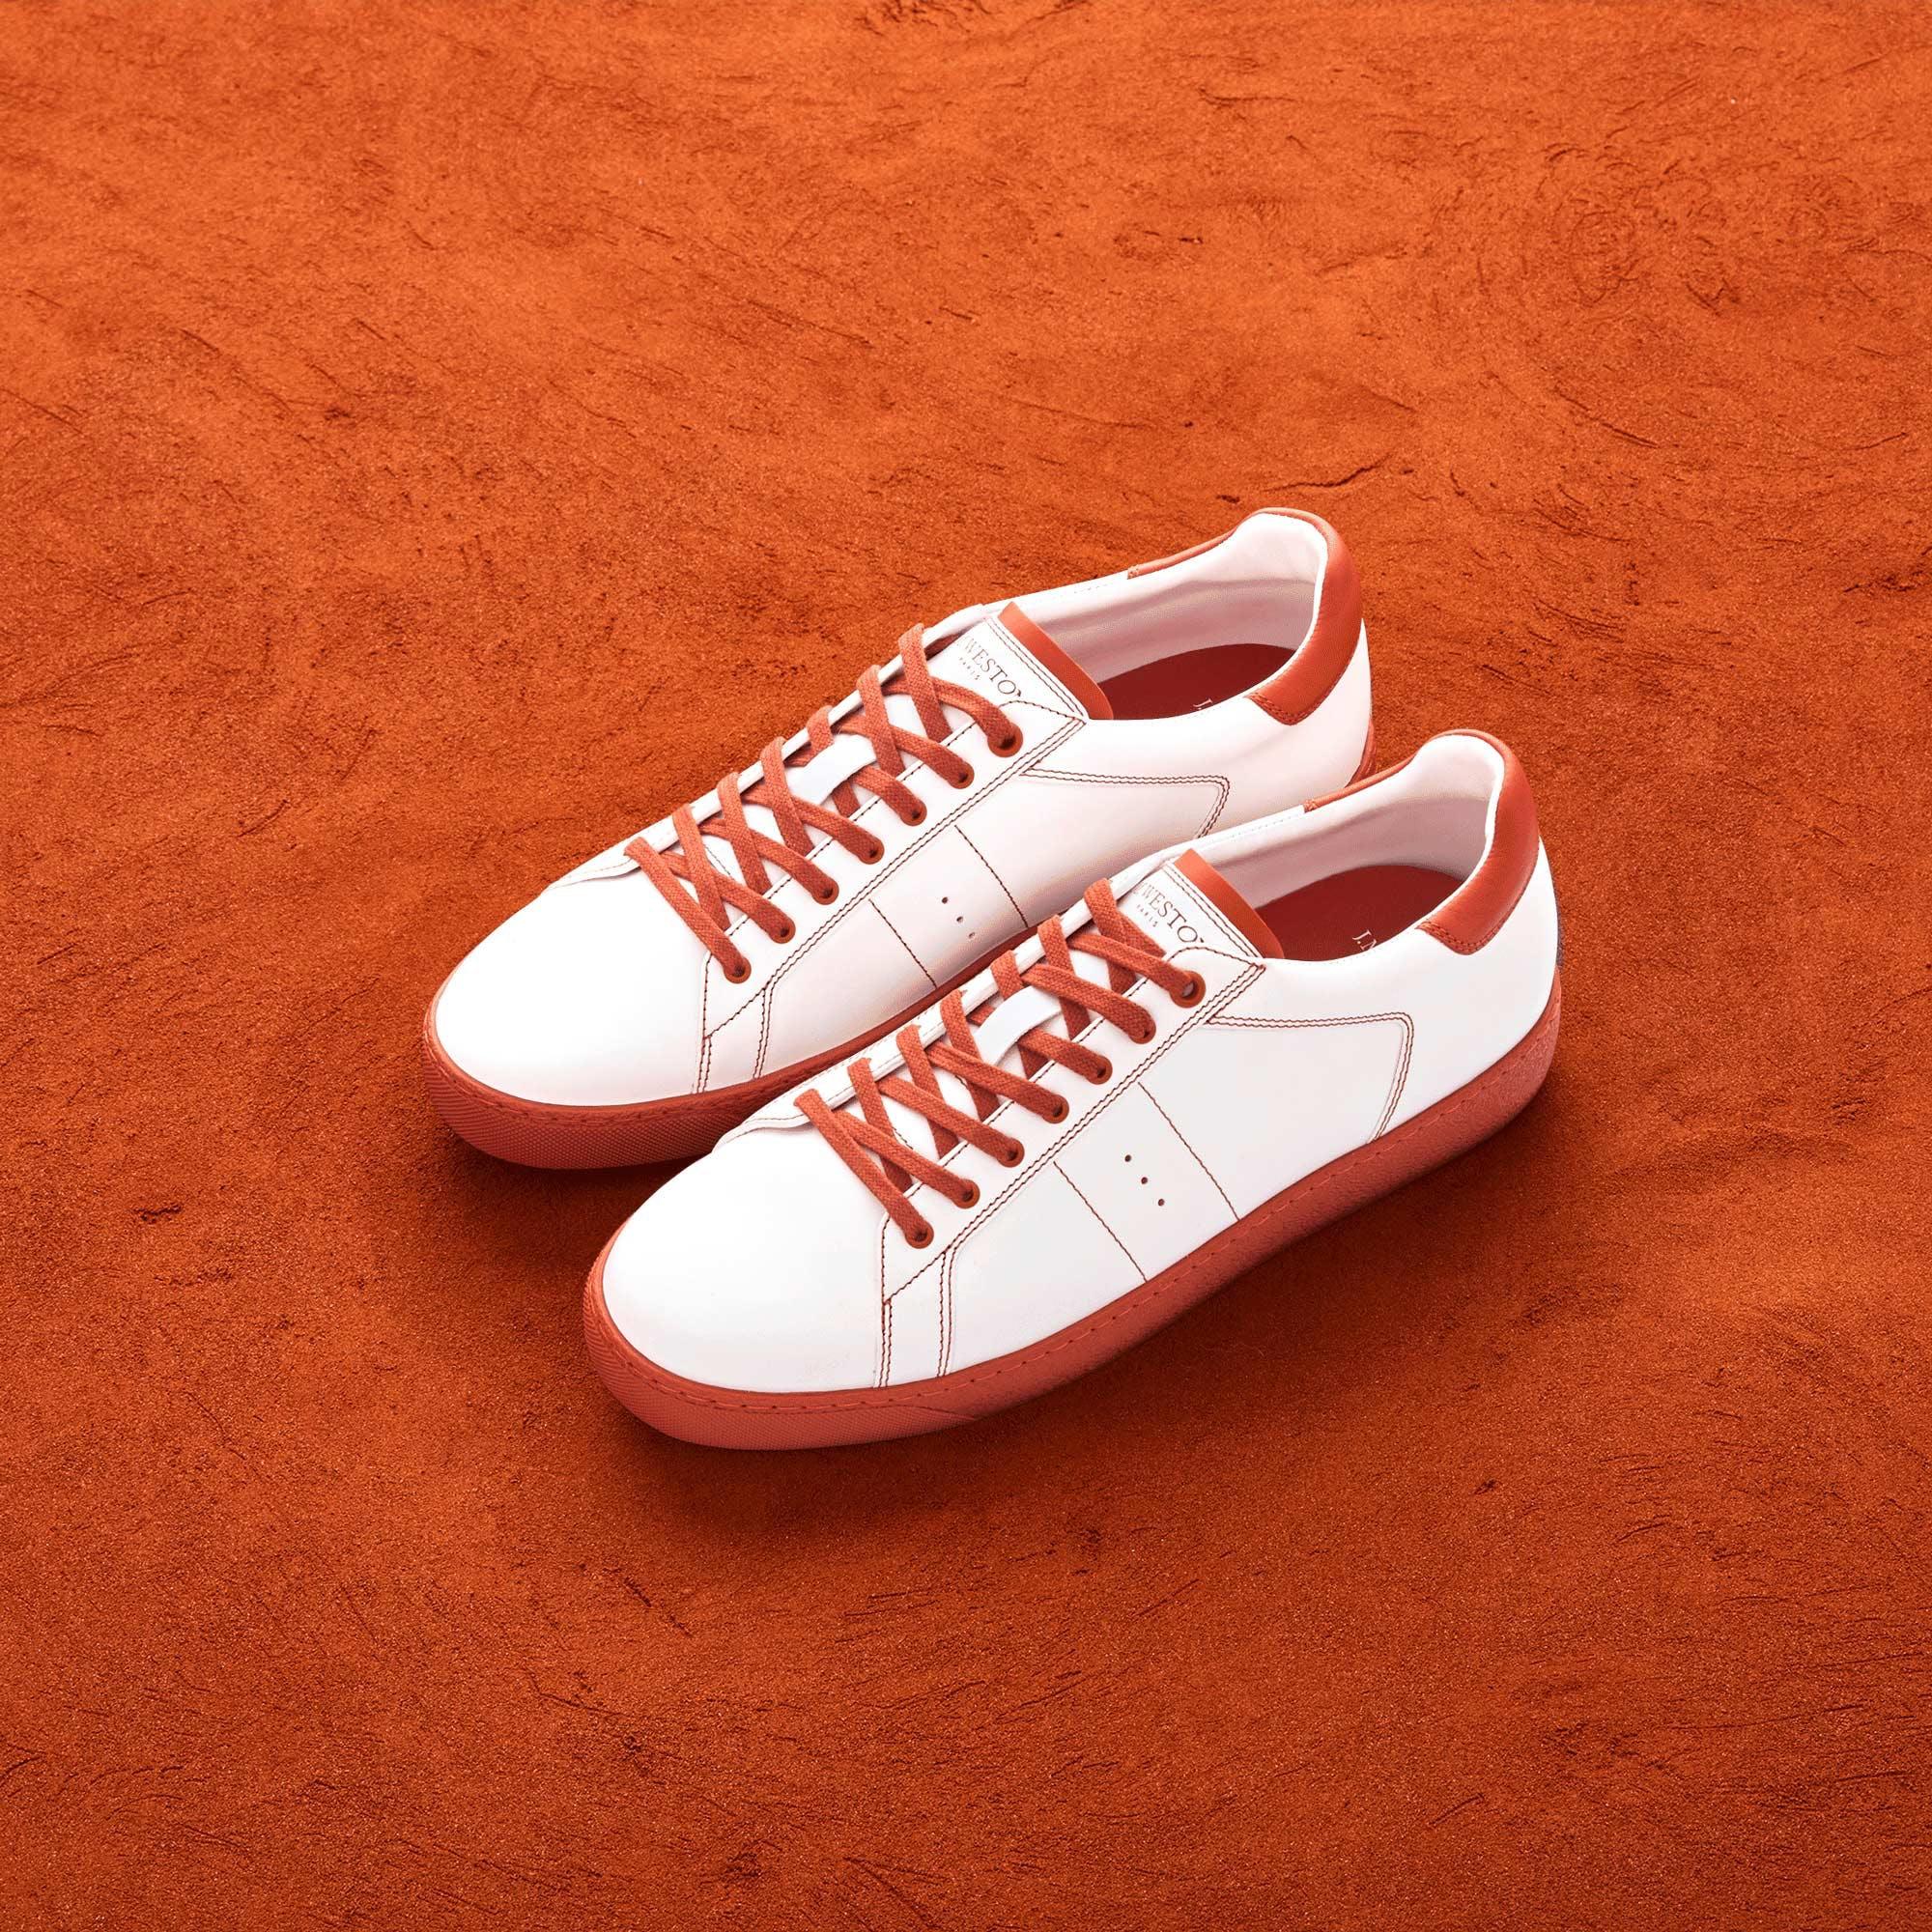 Weston x Roland-Garros